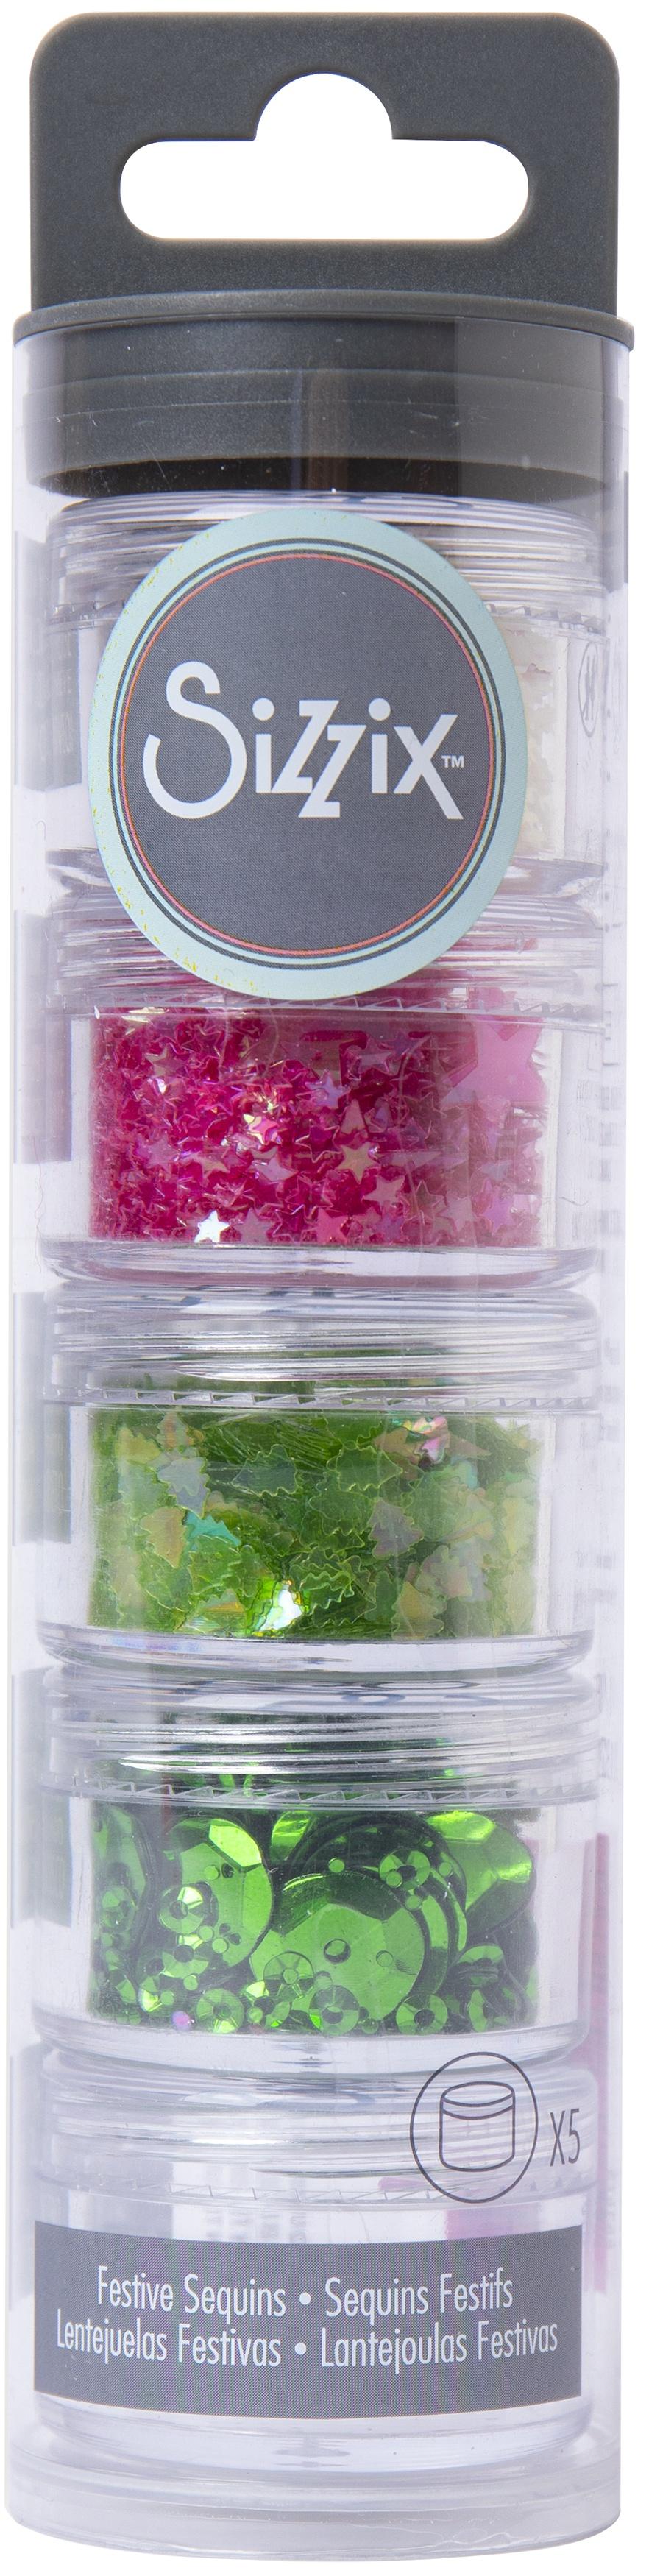 Sizzix Sequins & Beads -Festive Color 1 5/Pkg